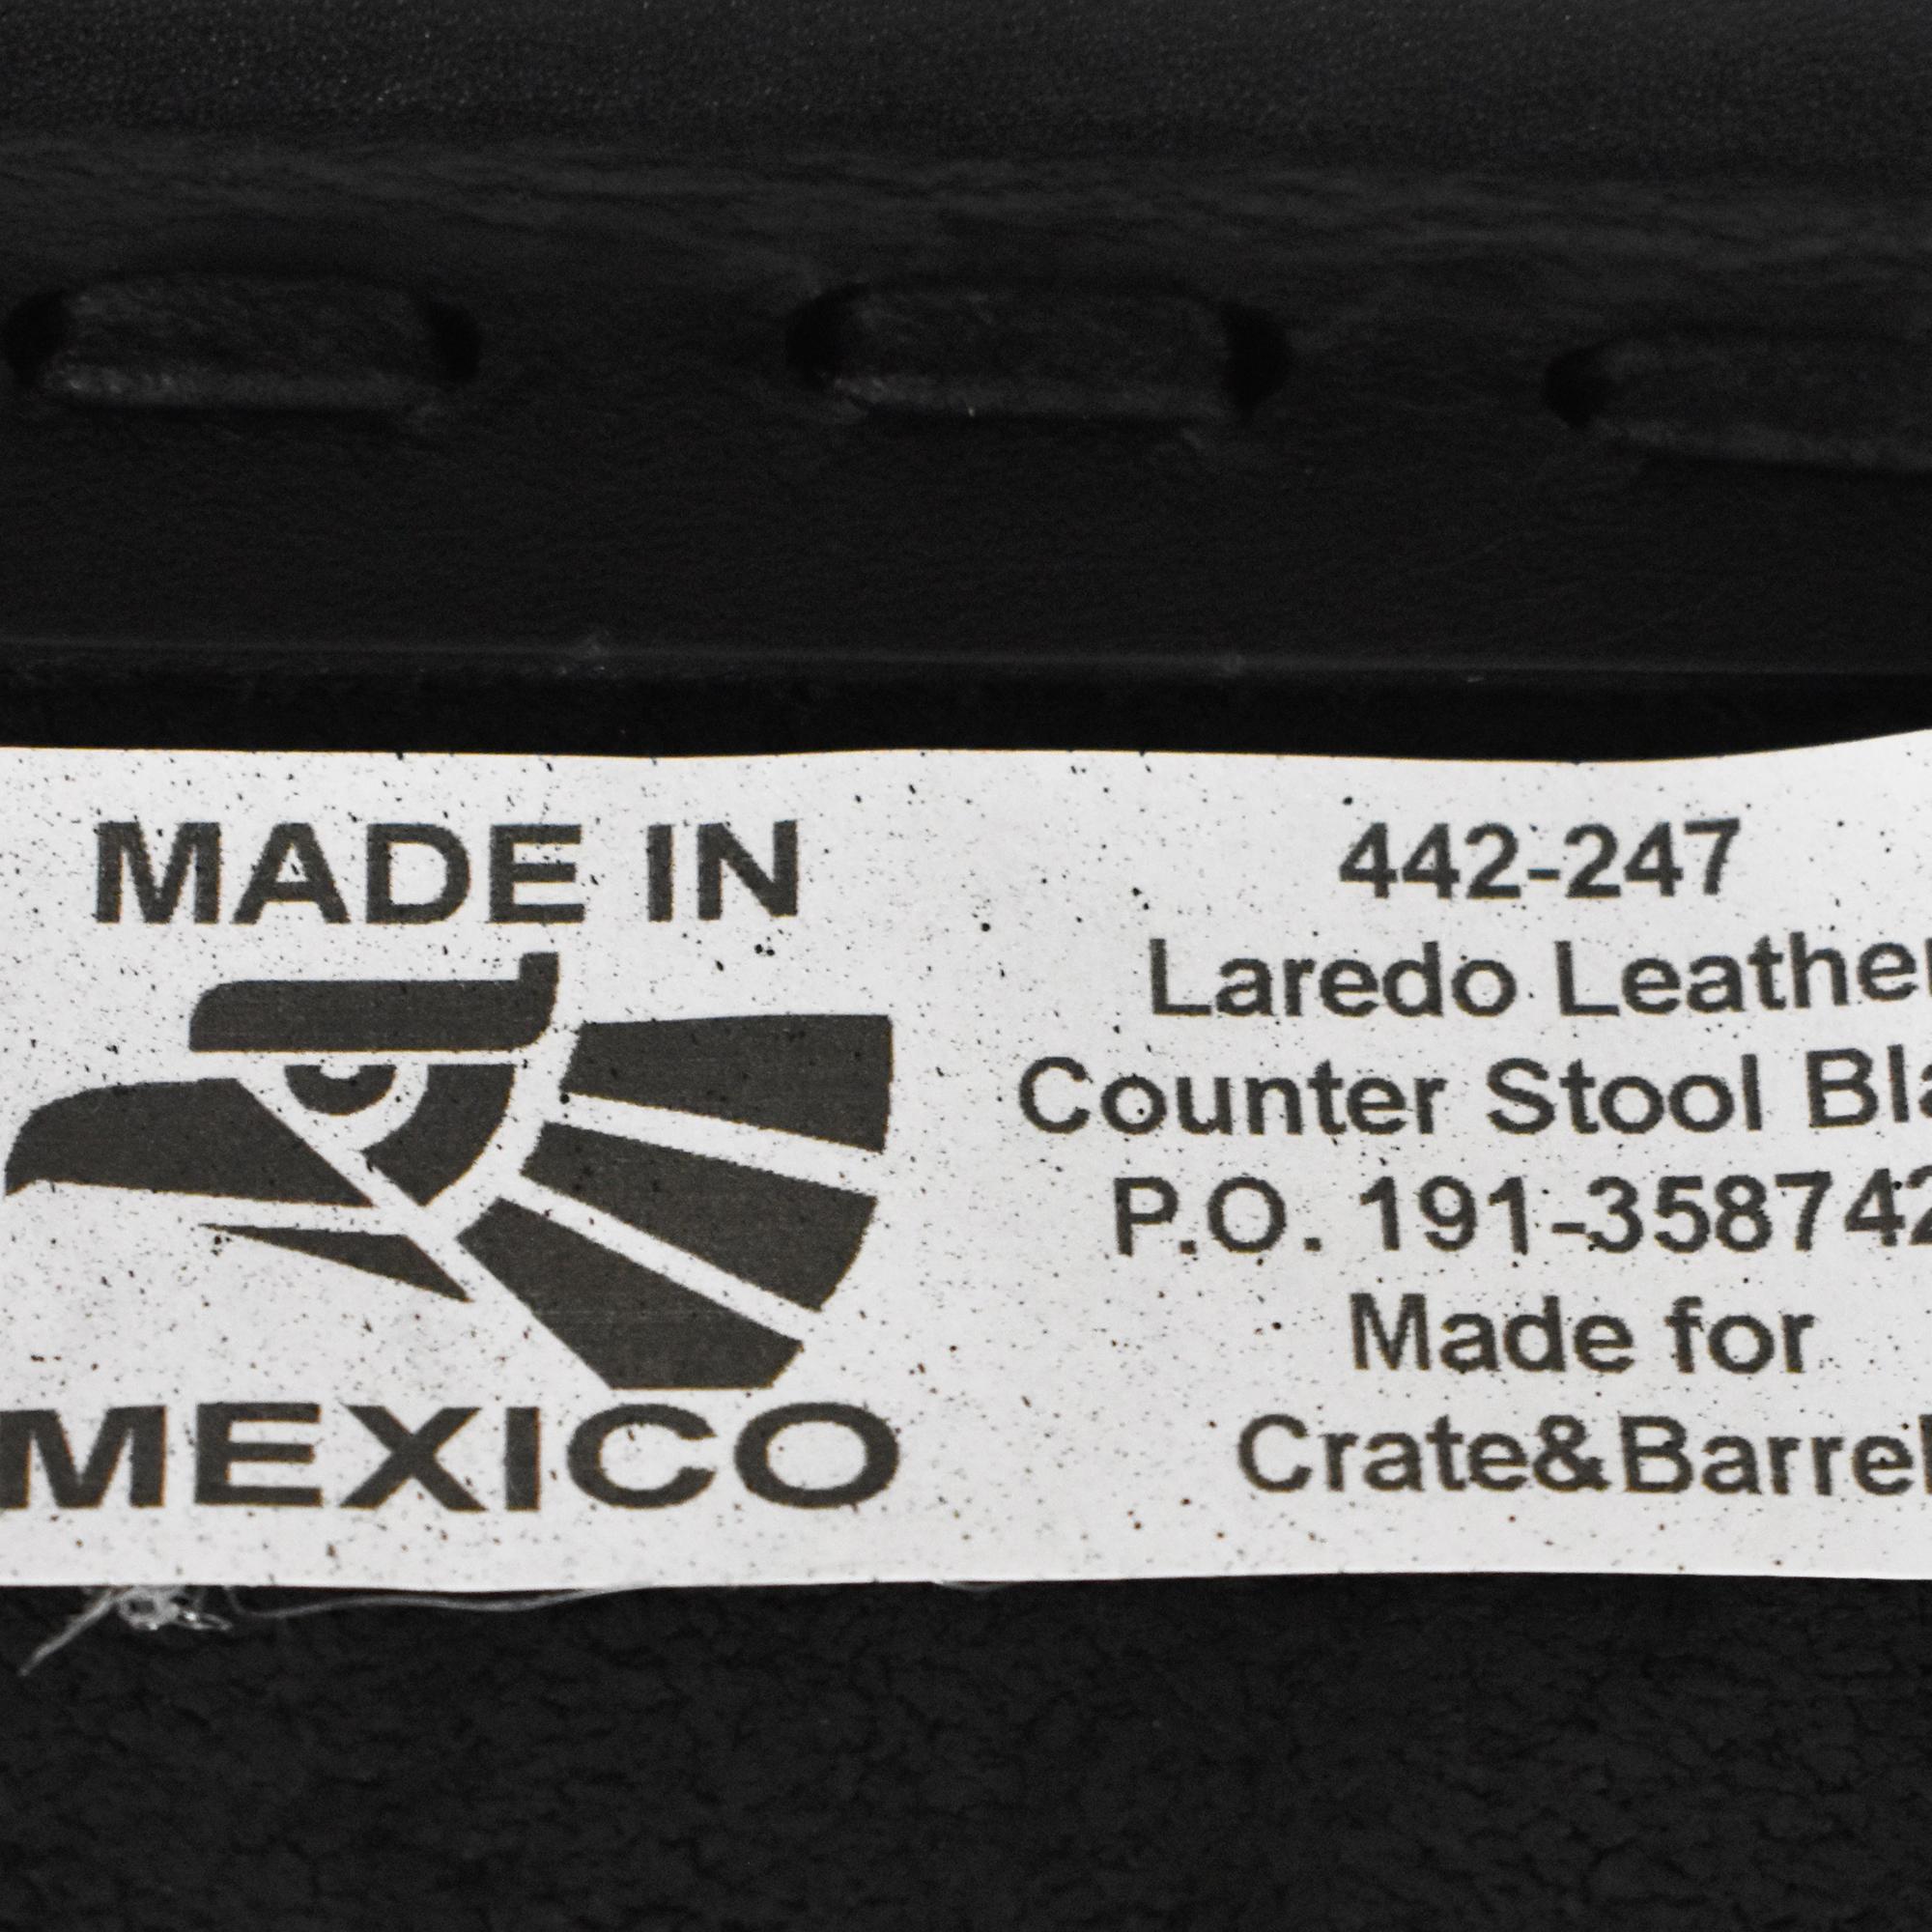 Crate & Barrel Crate & Barrel Laredo Counter Stools ct